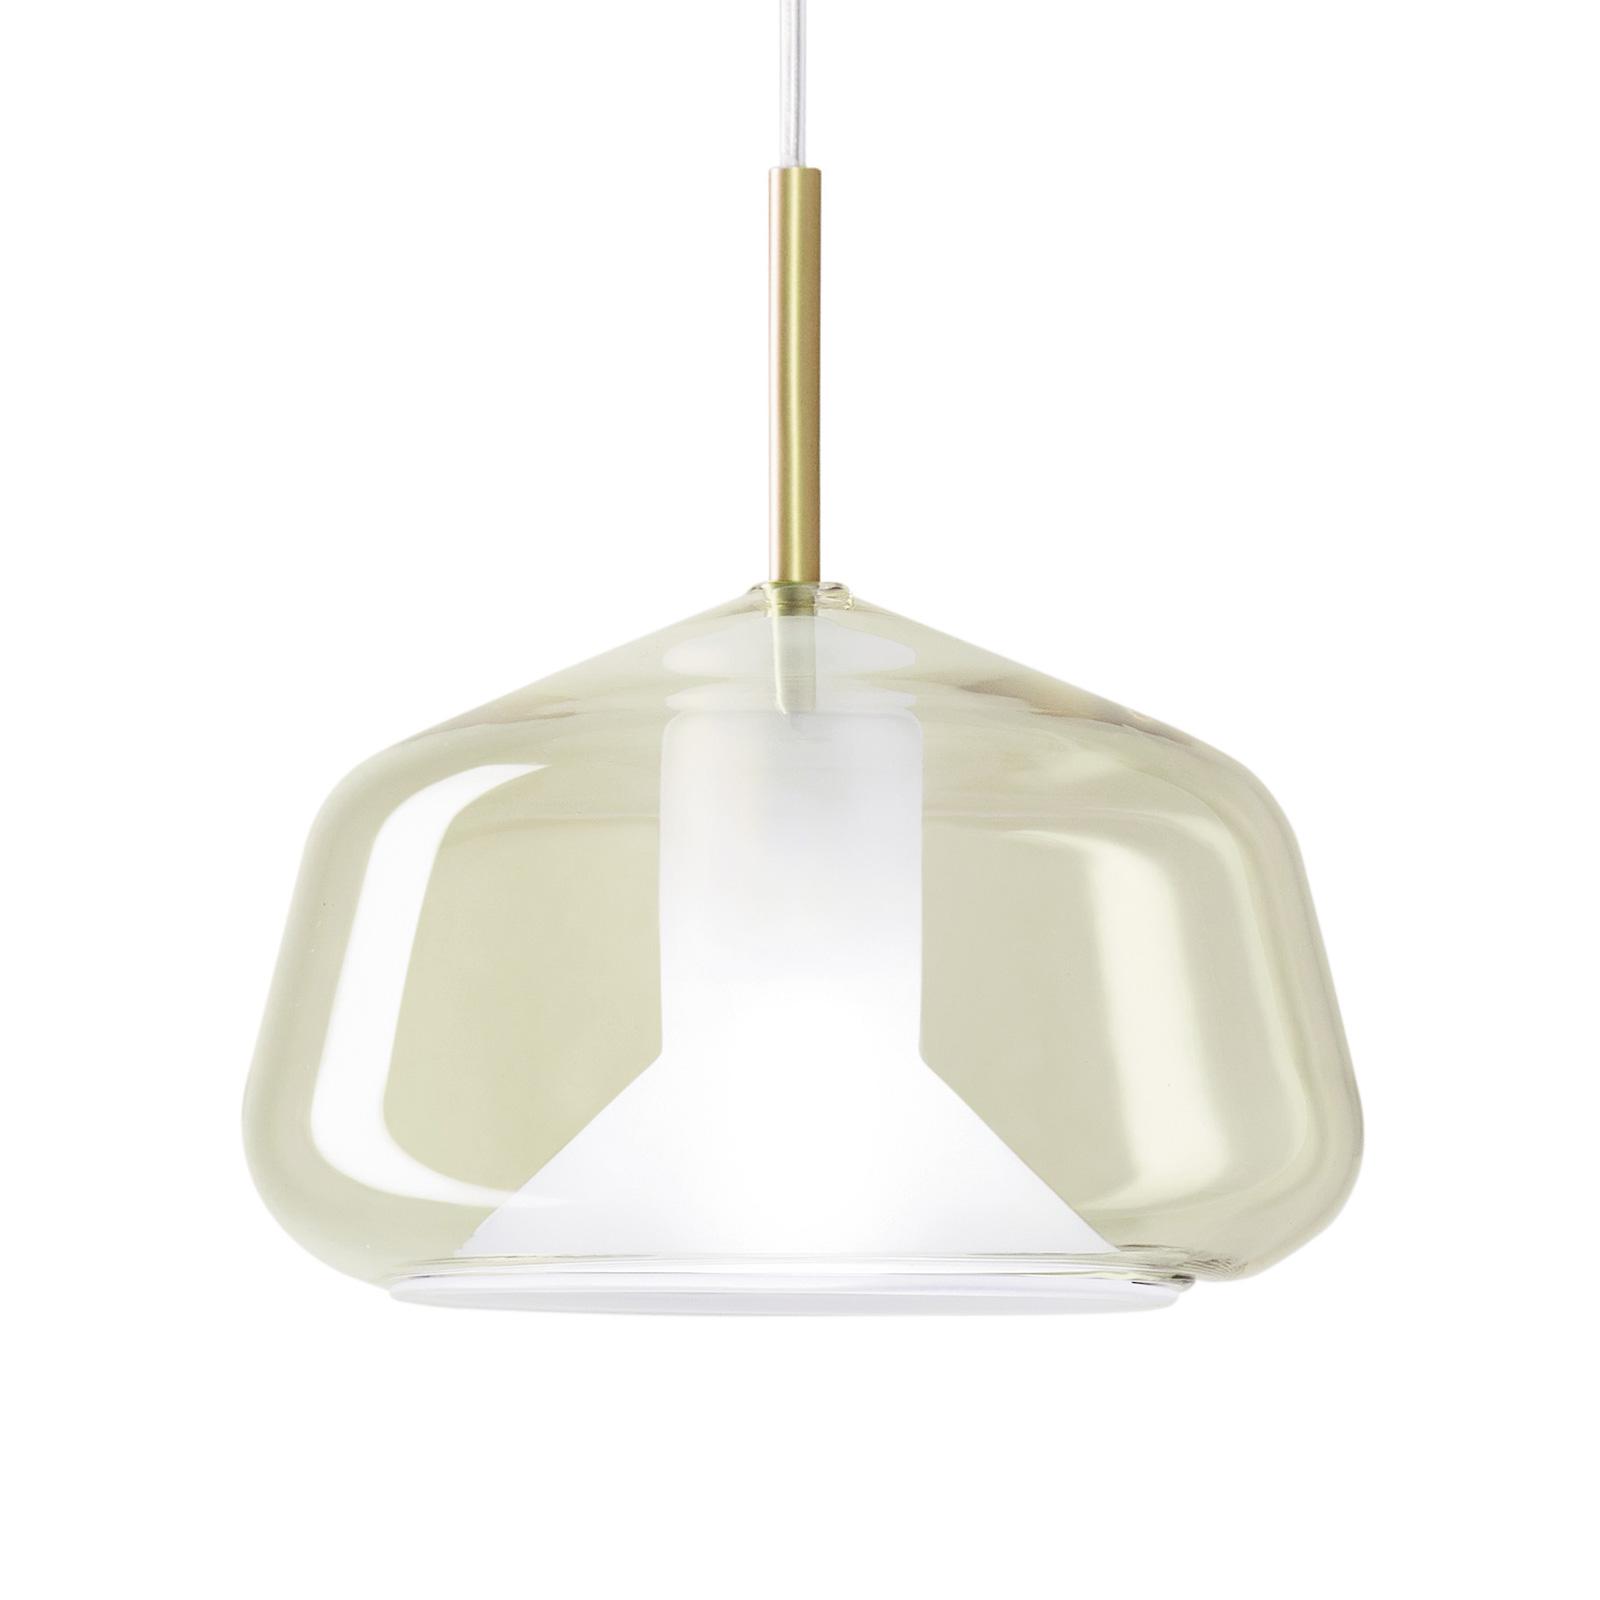 Lampa wisząca X-Ray pękaty kształt, kolory miodu